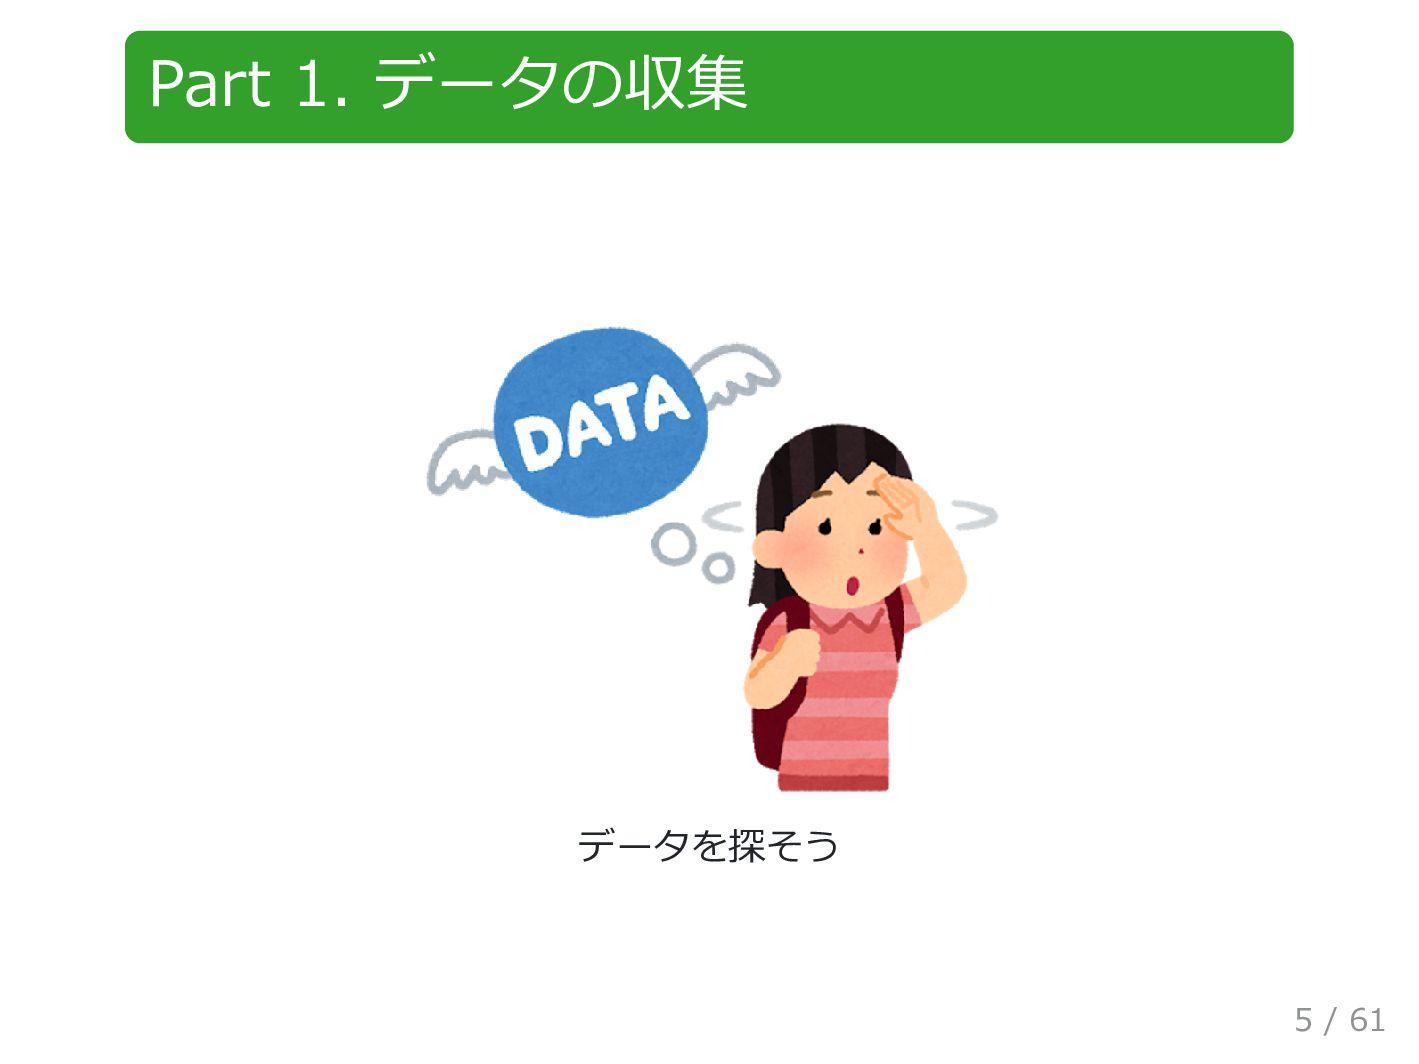 Part 1. データの収集 データを探そう 5 / 61